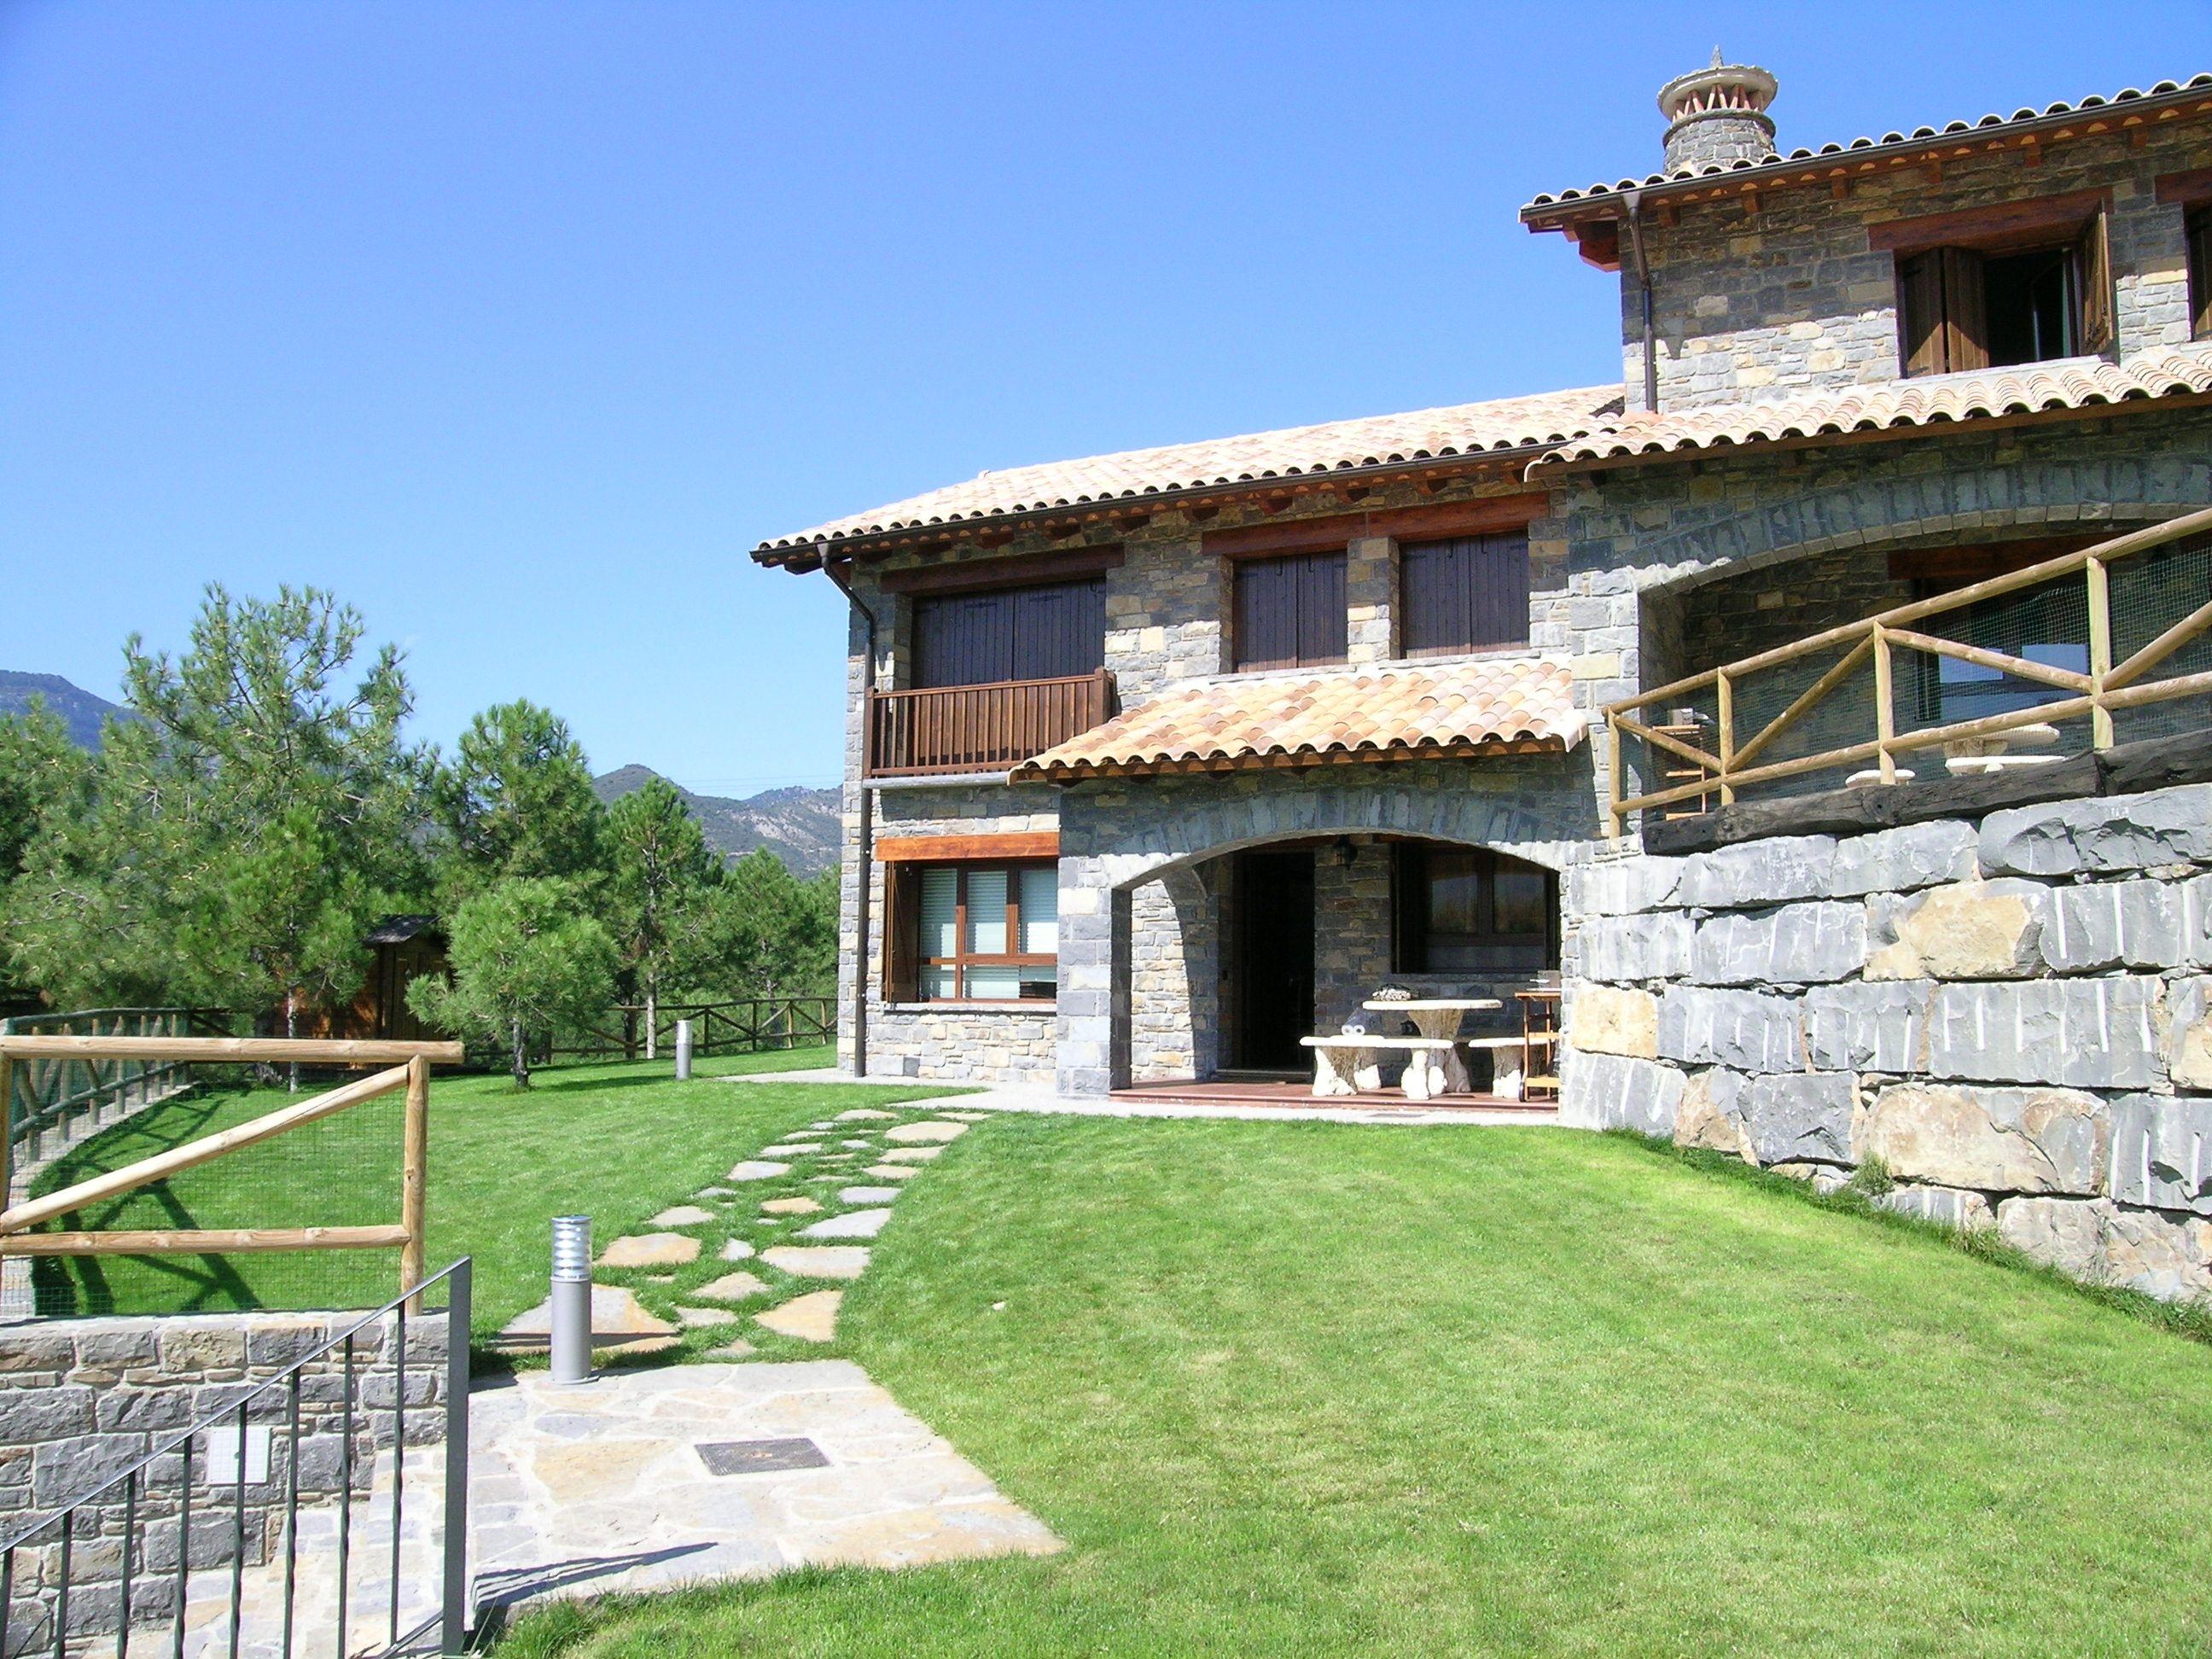 Casa margarita casas rurales en los pirineos huesca parque nacional de ordesa y monte - Ordesa casas rurales ...